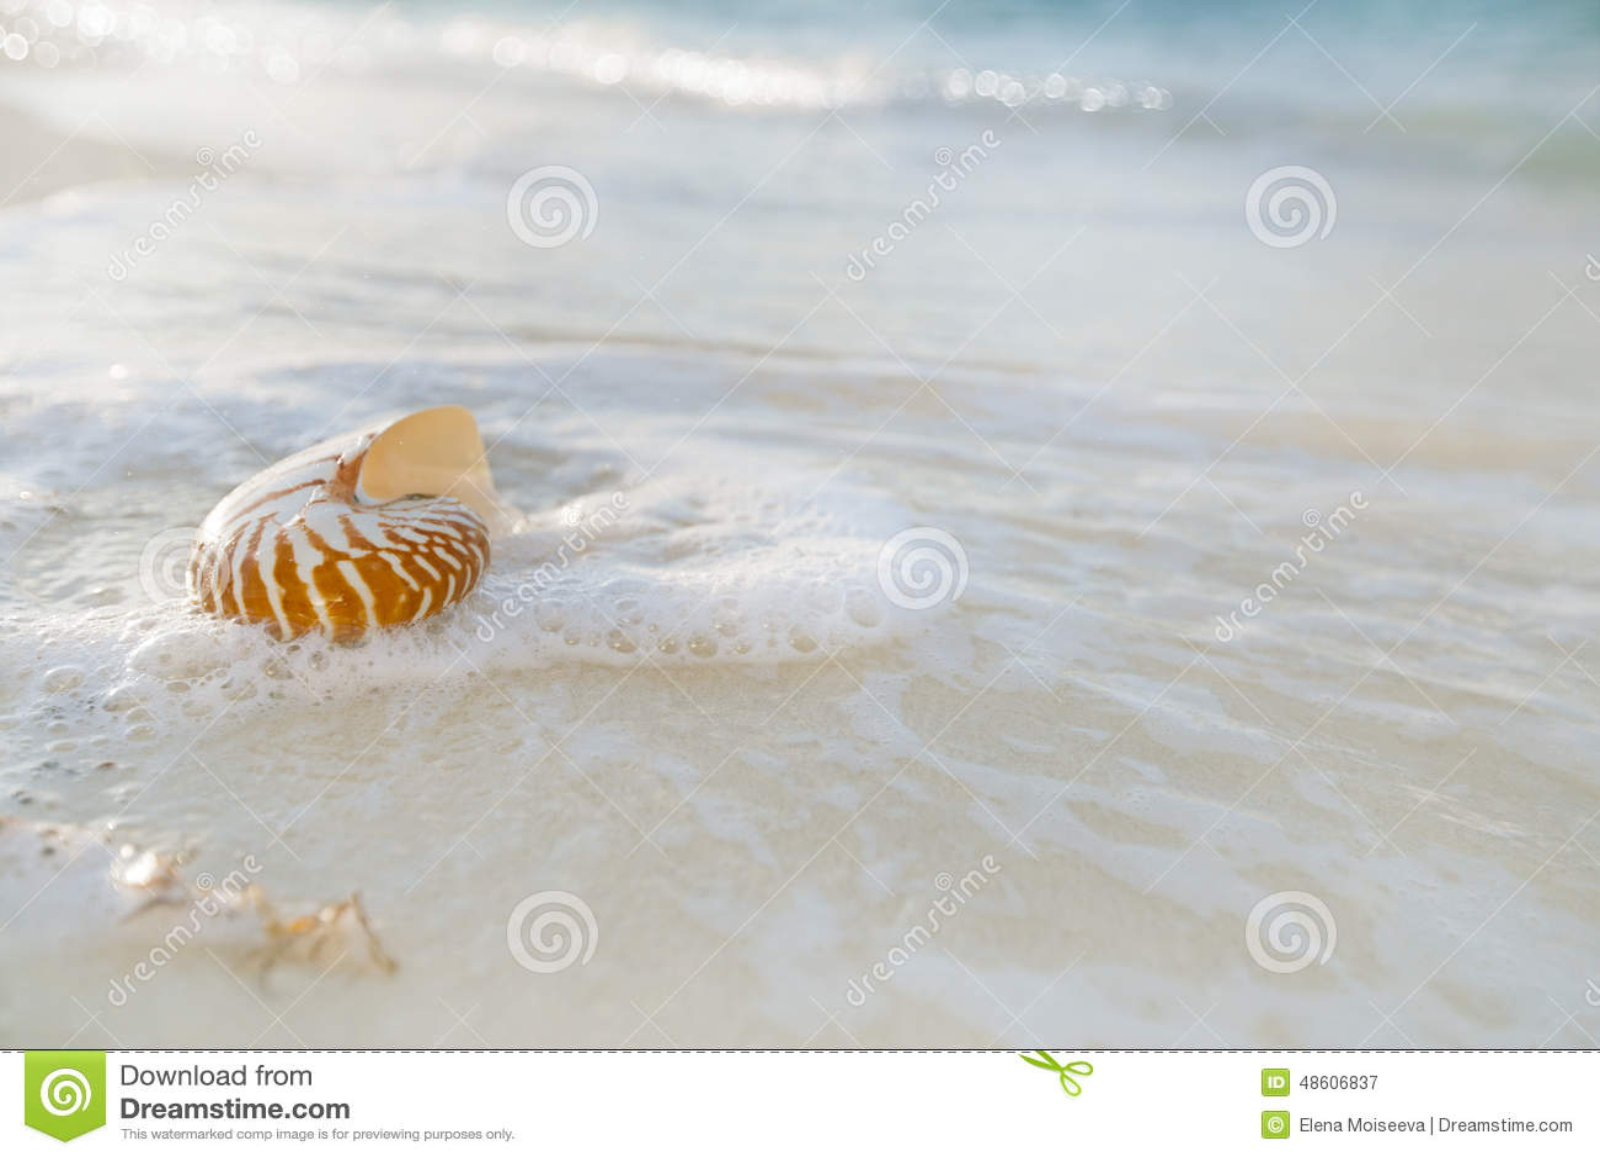 La coquille de Nautilus sur le sable blanc de plage s est précipitée par des vagues de mer